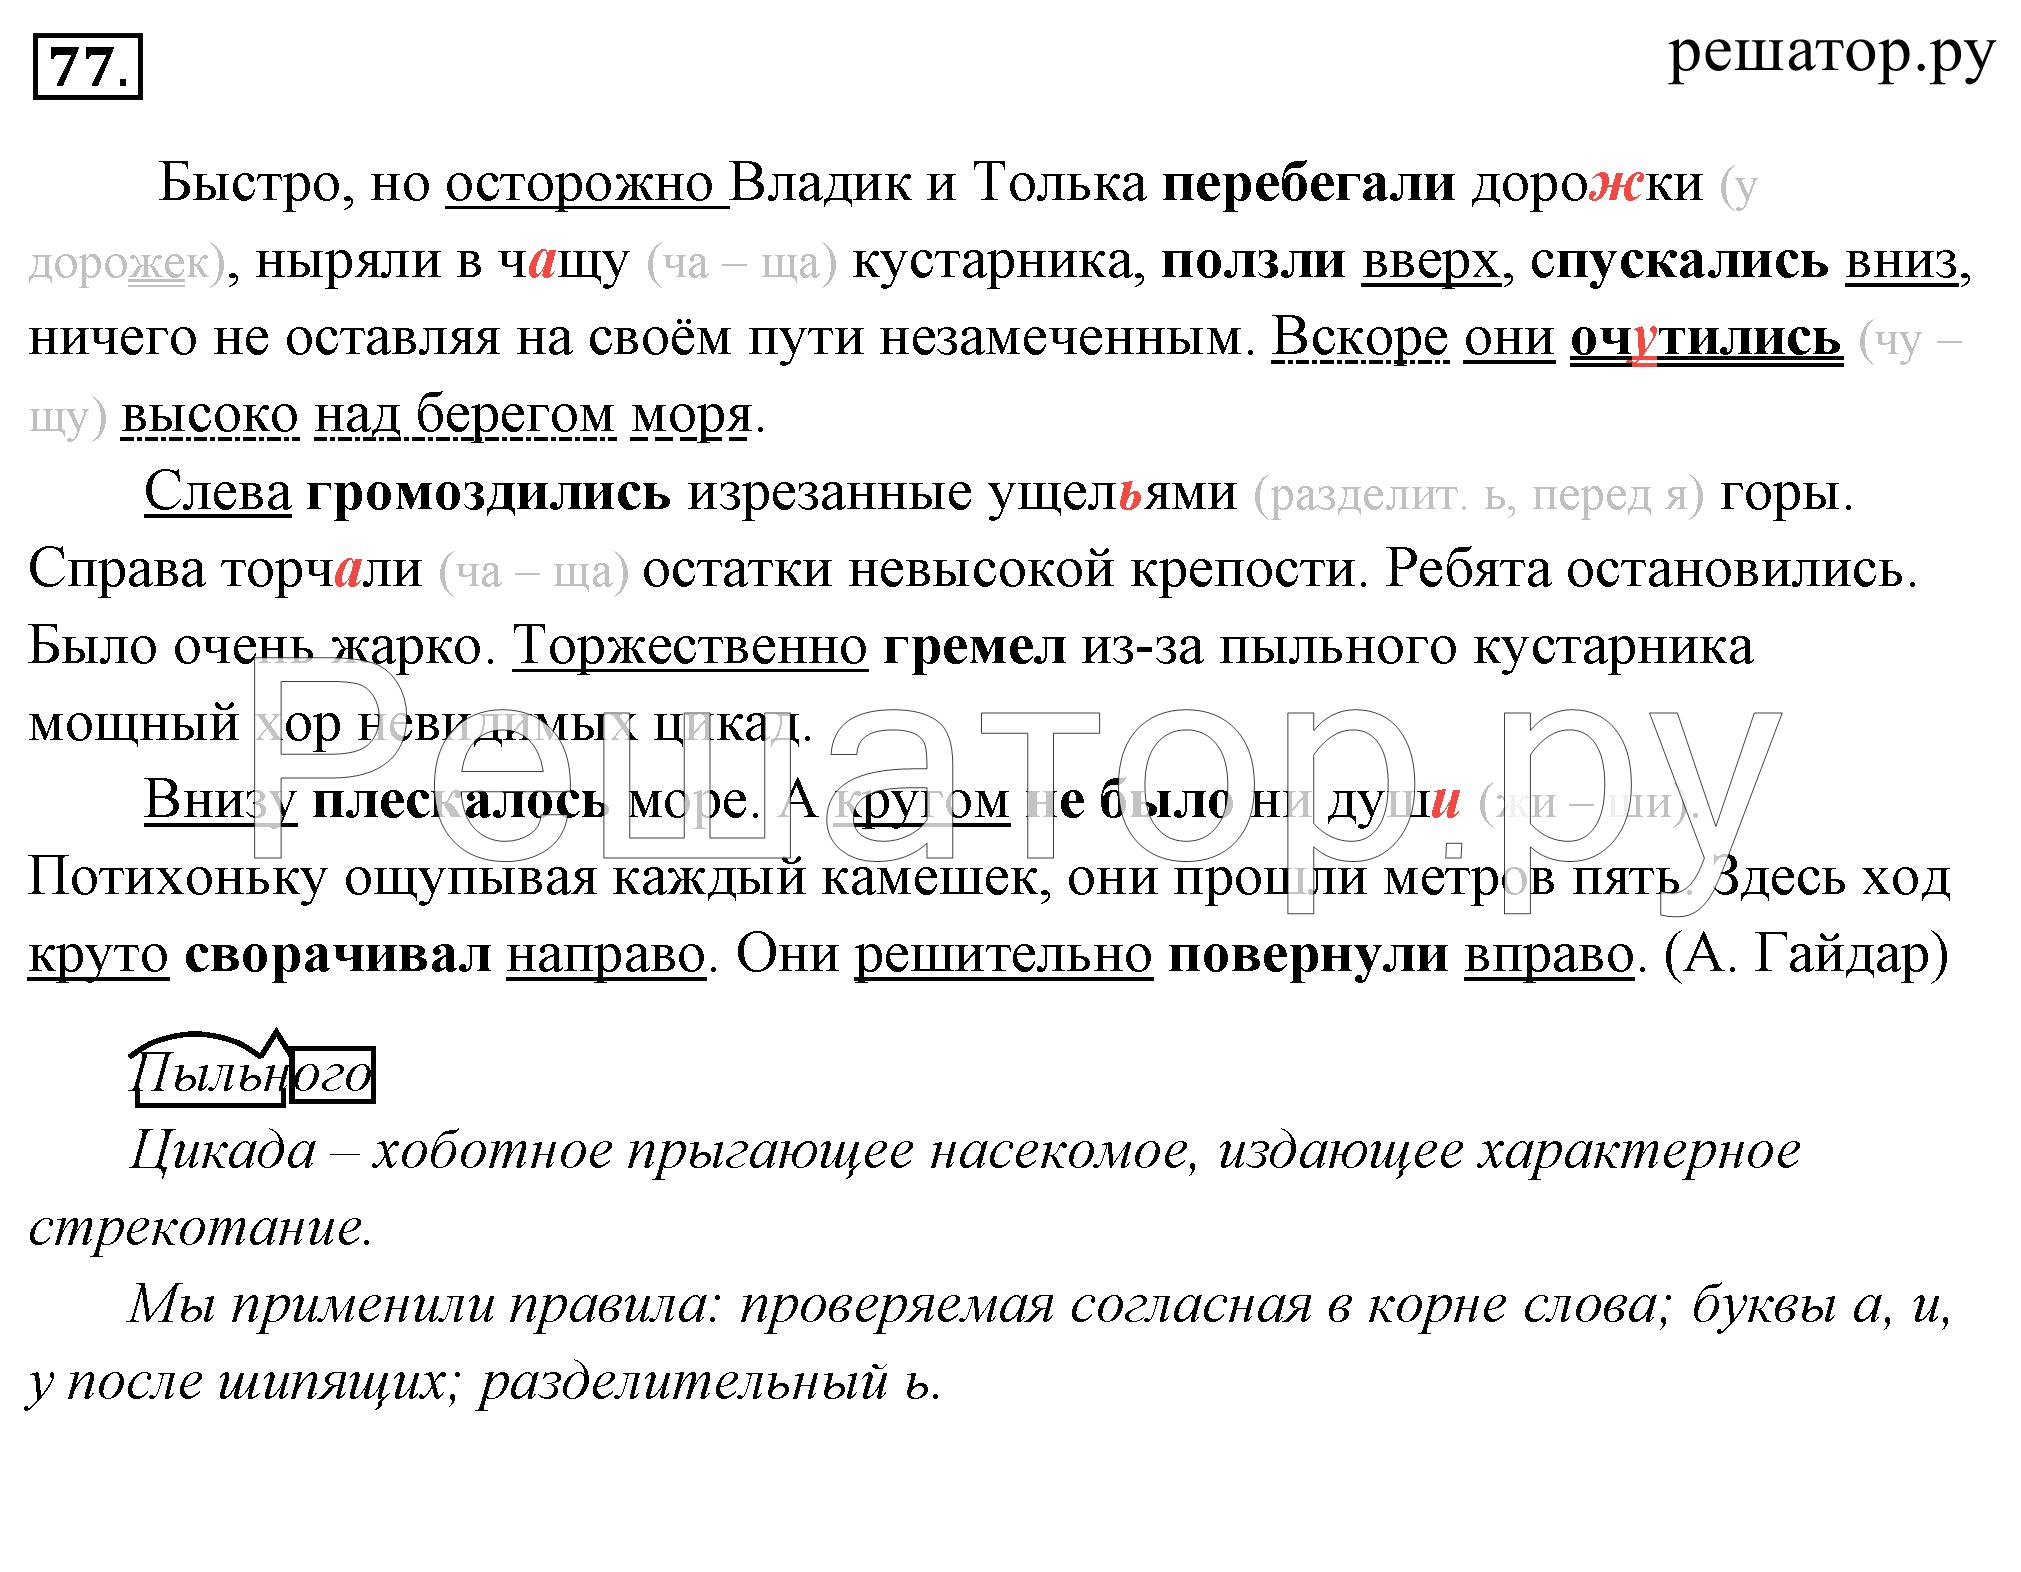 Гдз по русскому языку 5 класс ладыженская 2018 год баранов и тростенцова